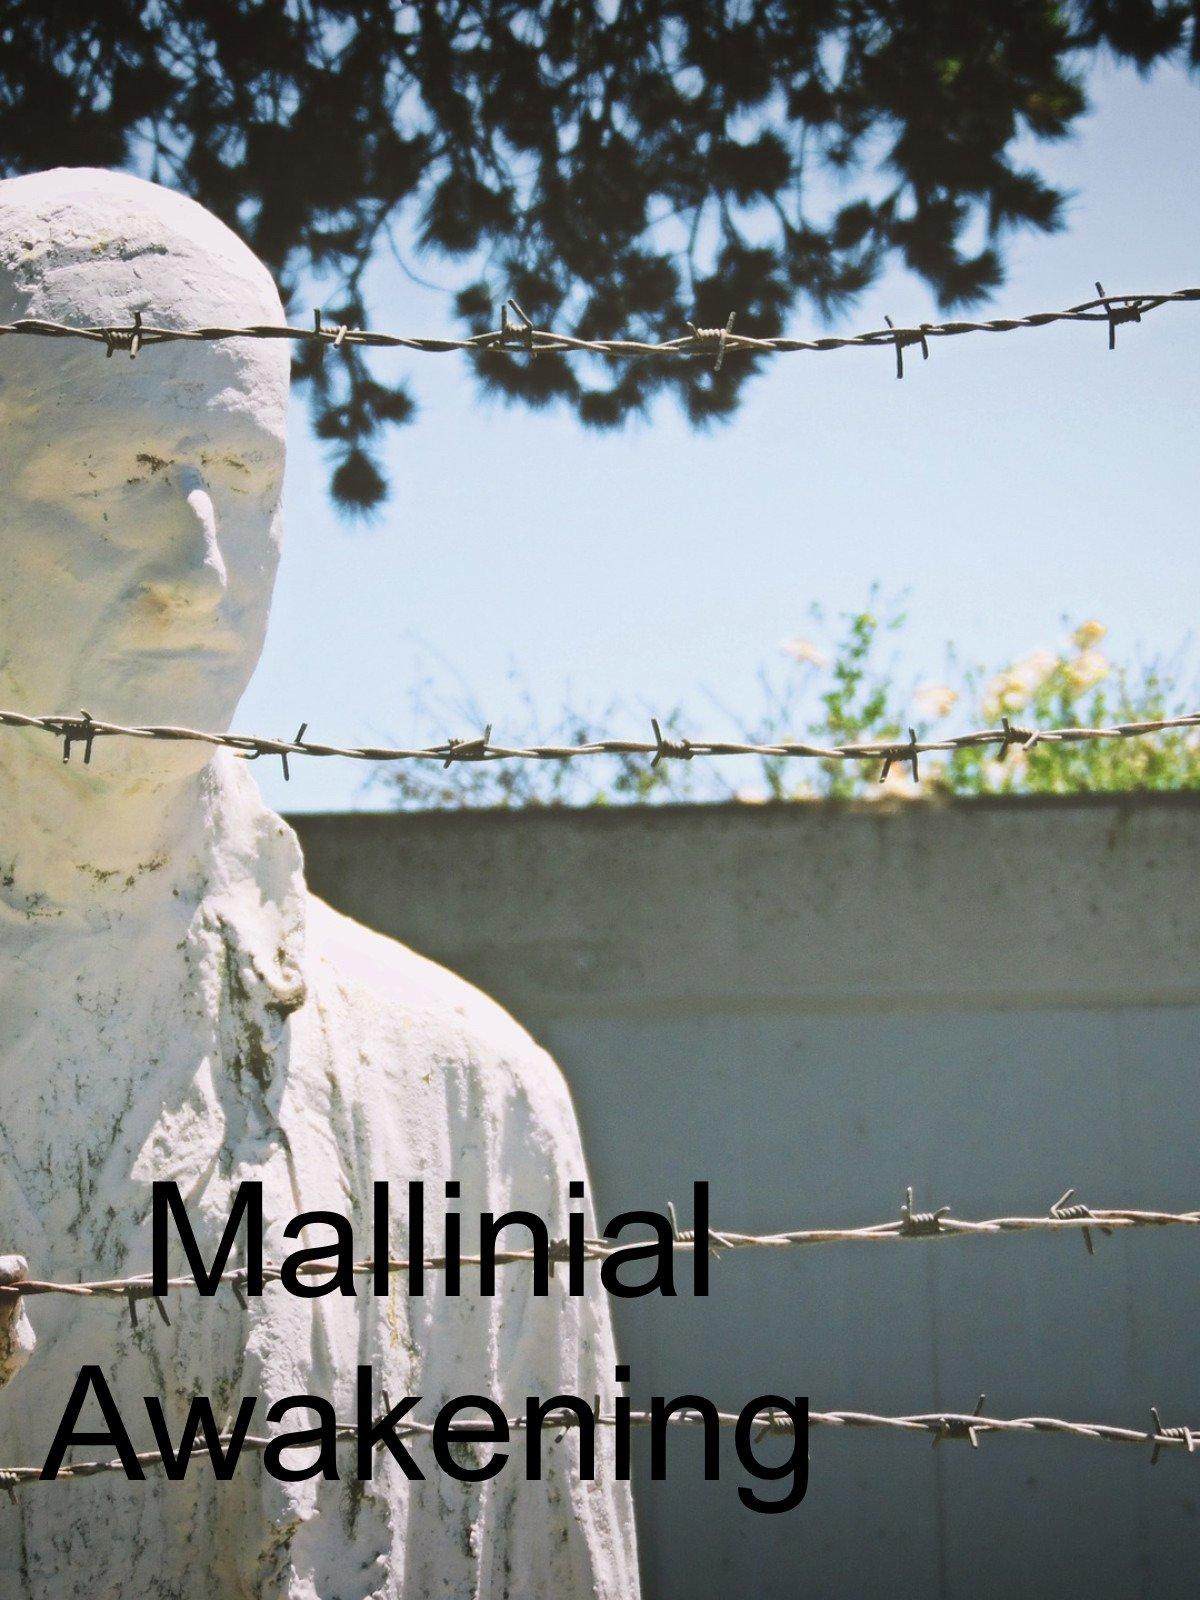 Mallinnial Awakening